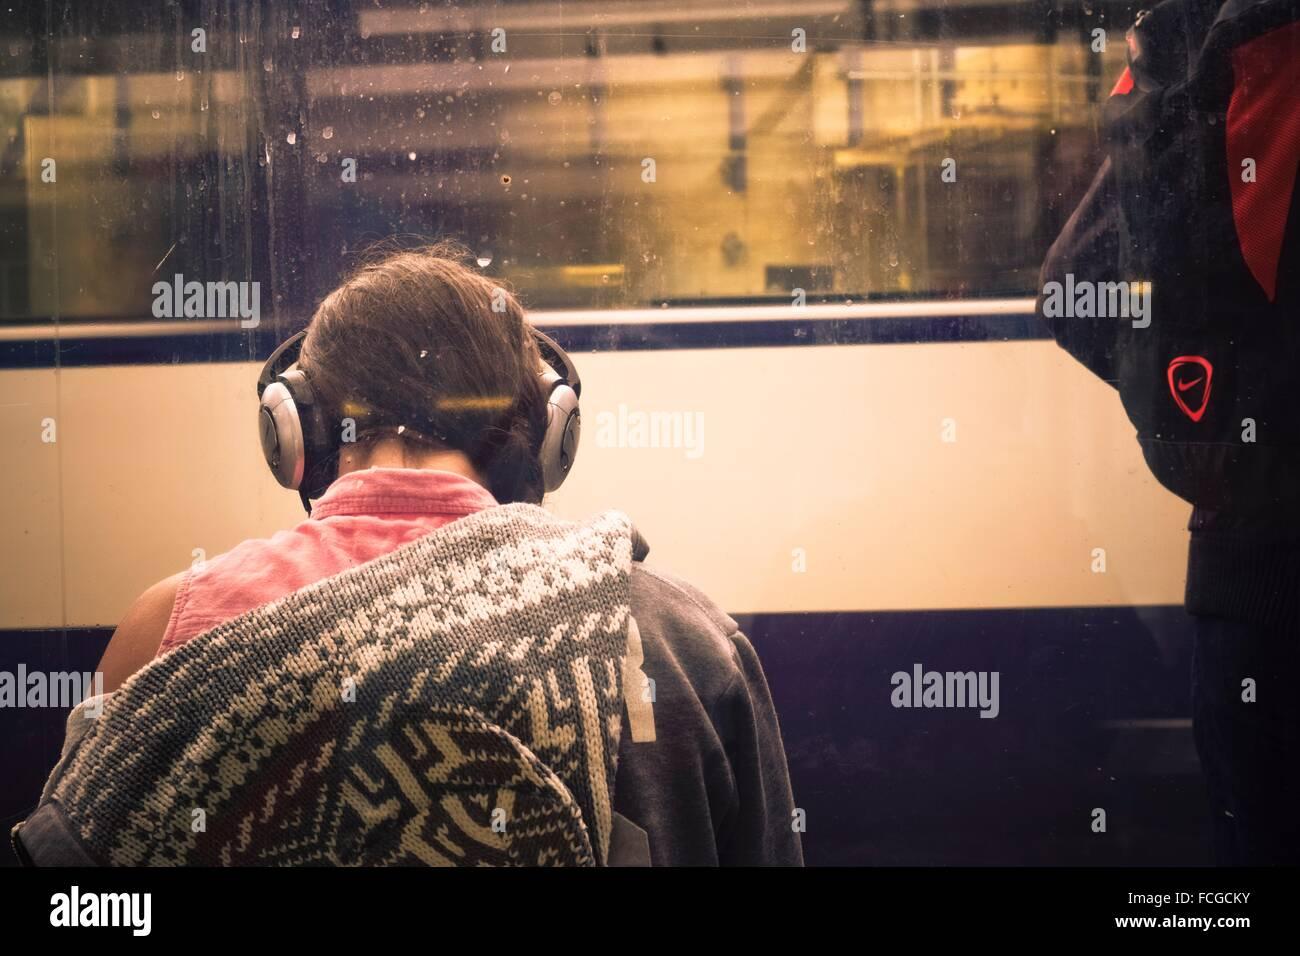 Mujer joven con auriculares para escuchar música. En el fondo el vagón de un tren en movimiento. Londres, Imagen De Stock